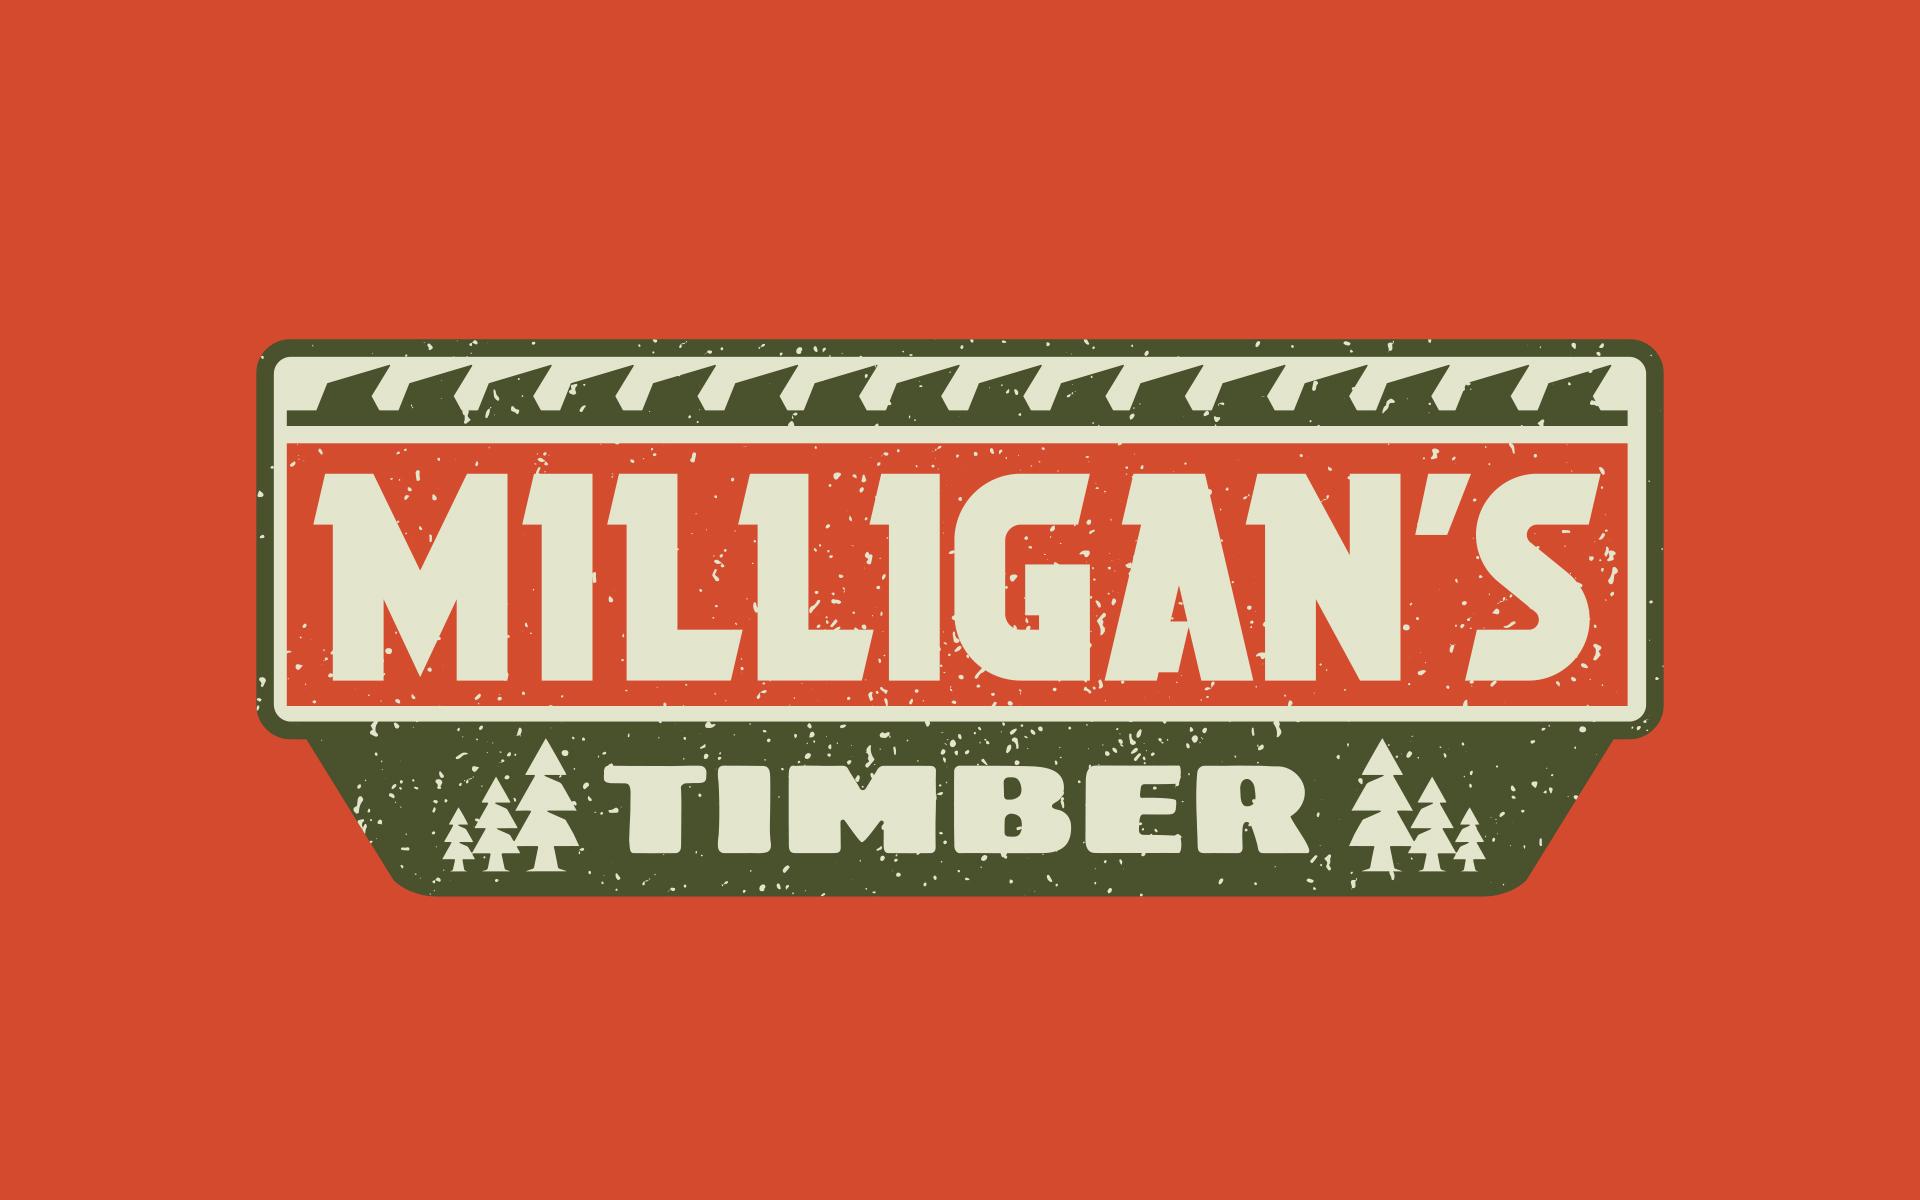 Milligan's Timber